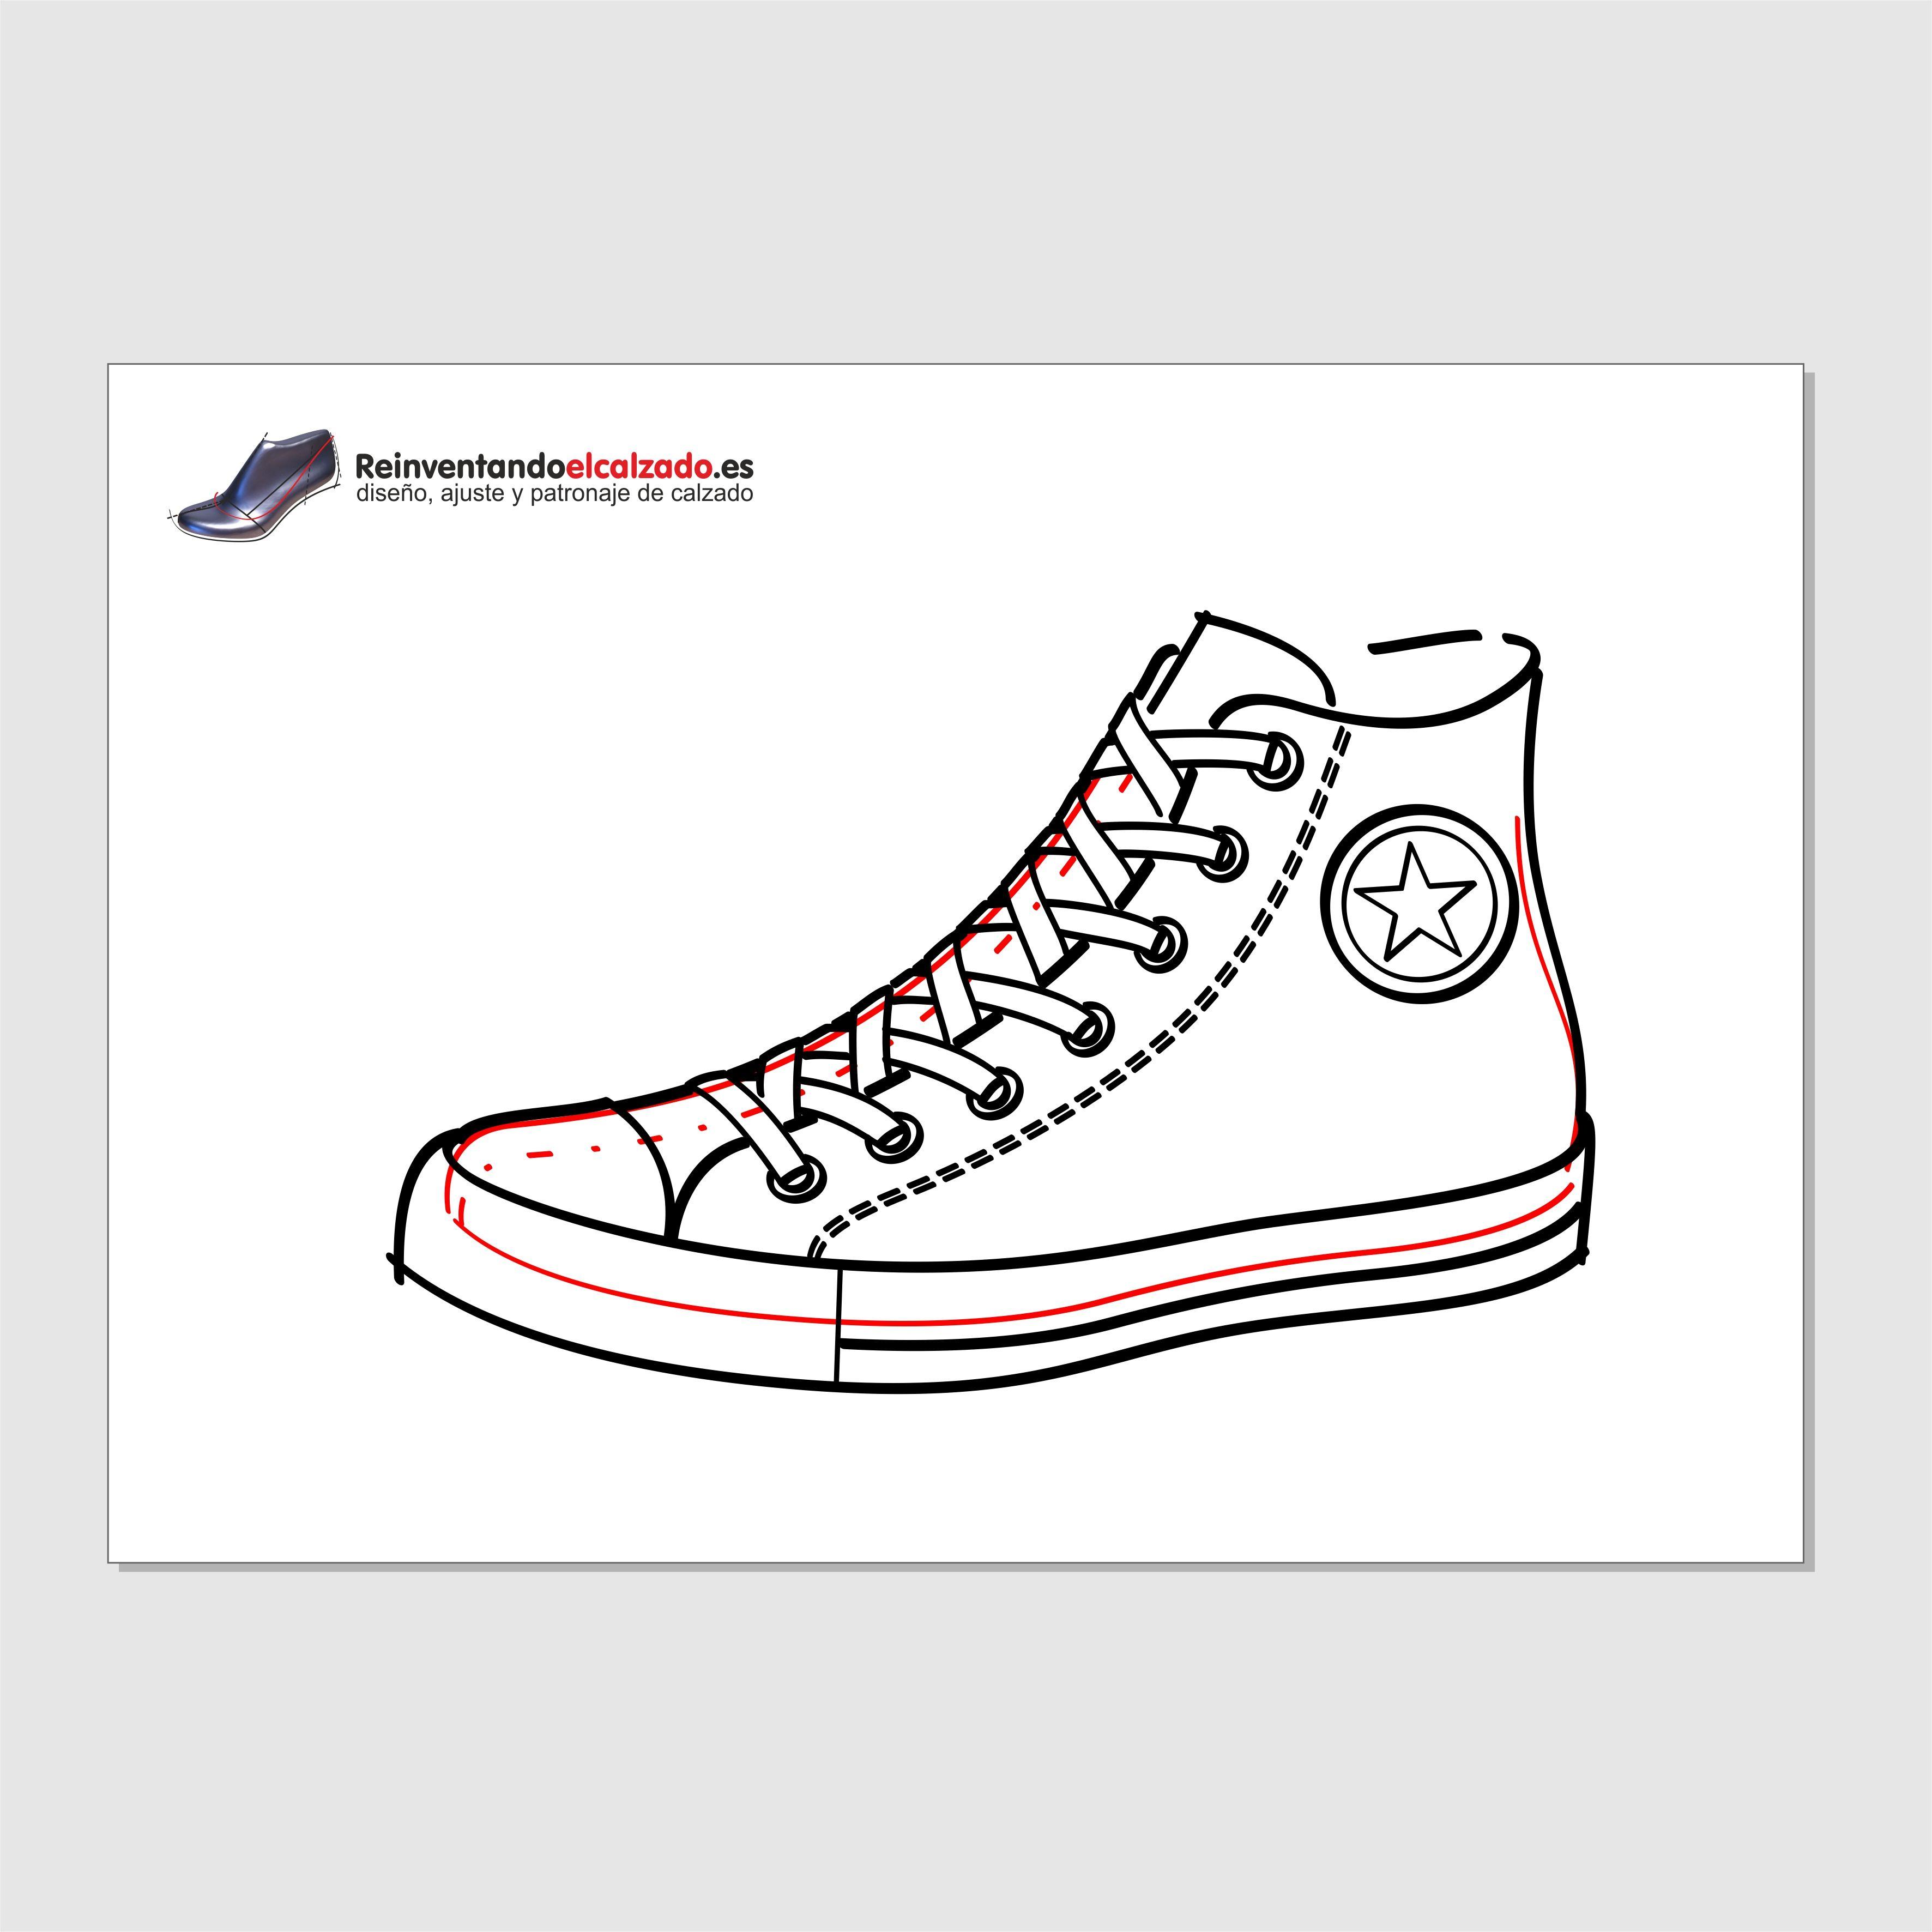 Historia de las zapatillas Converse All Star. Historia de